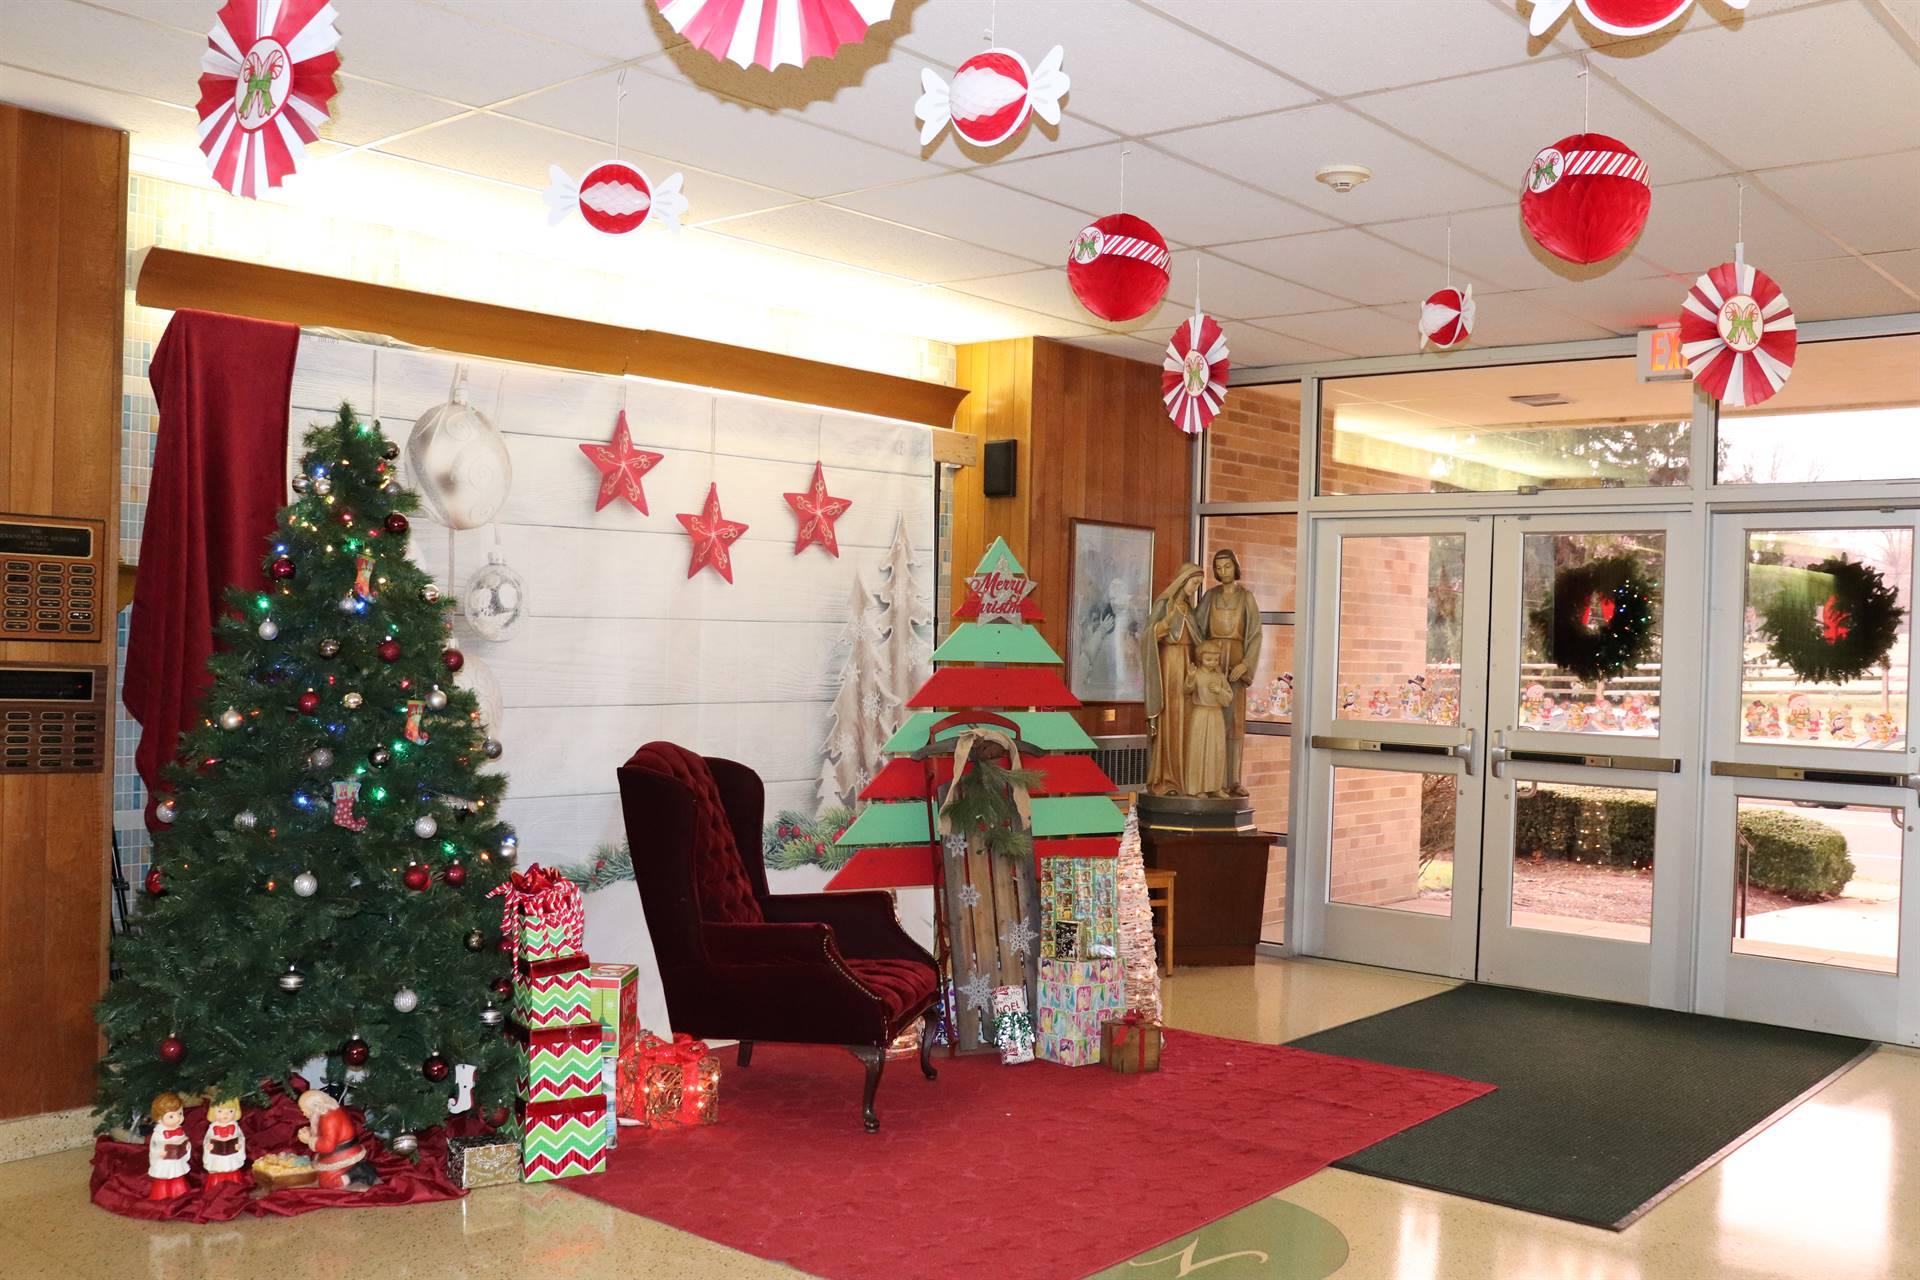 Christmas at NAGS